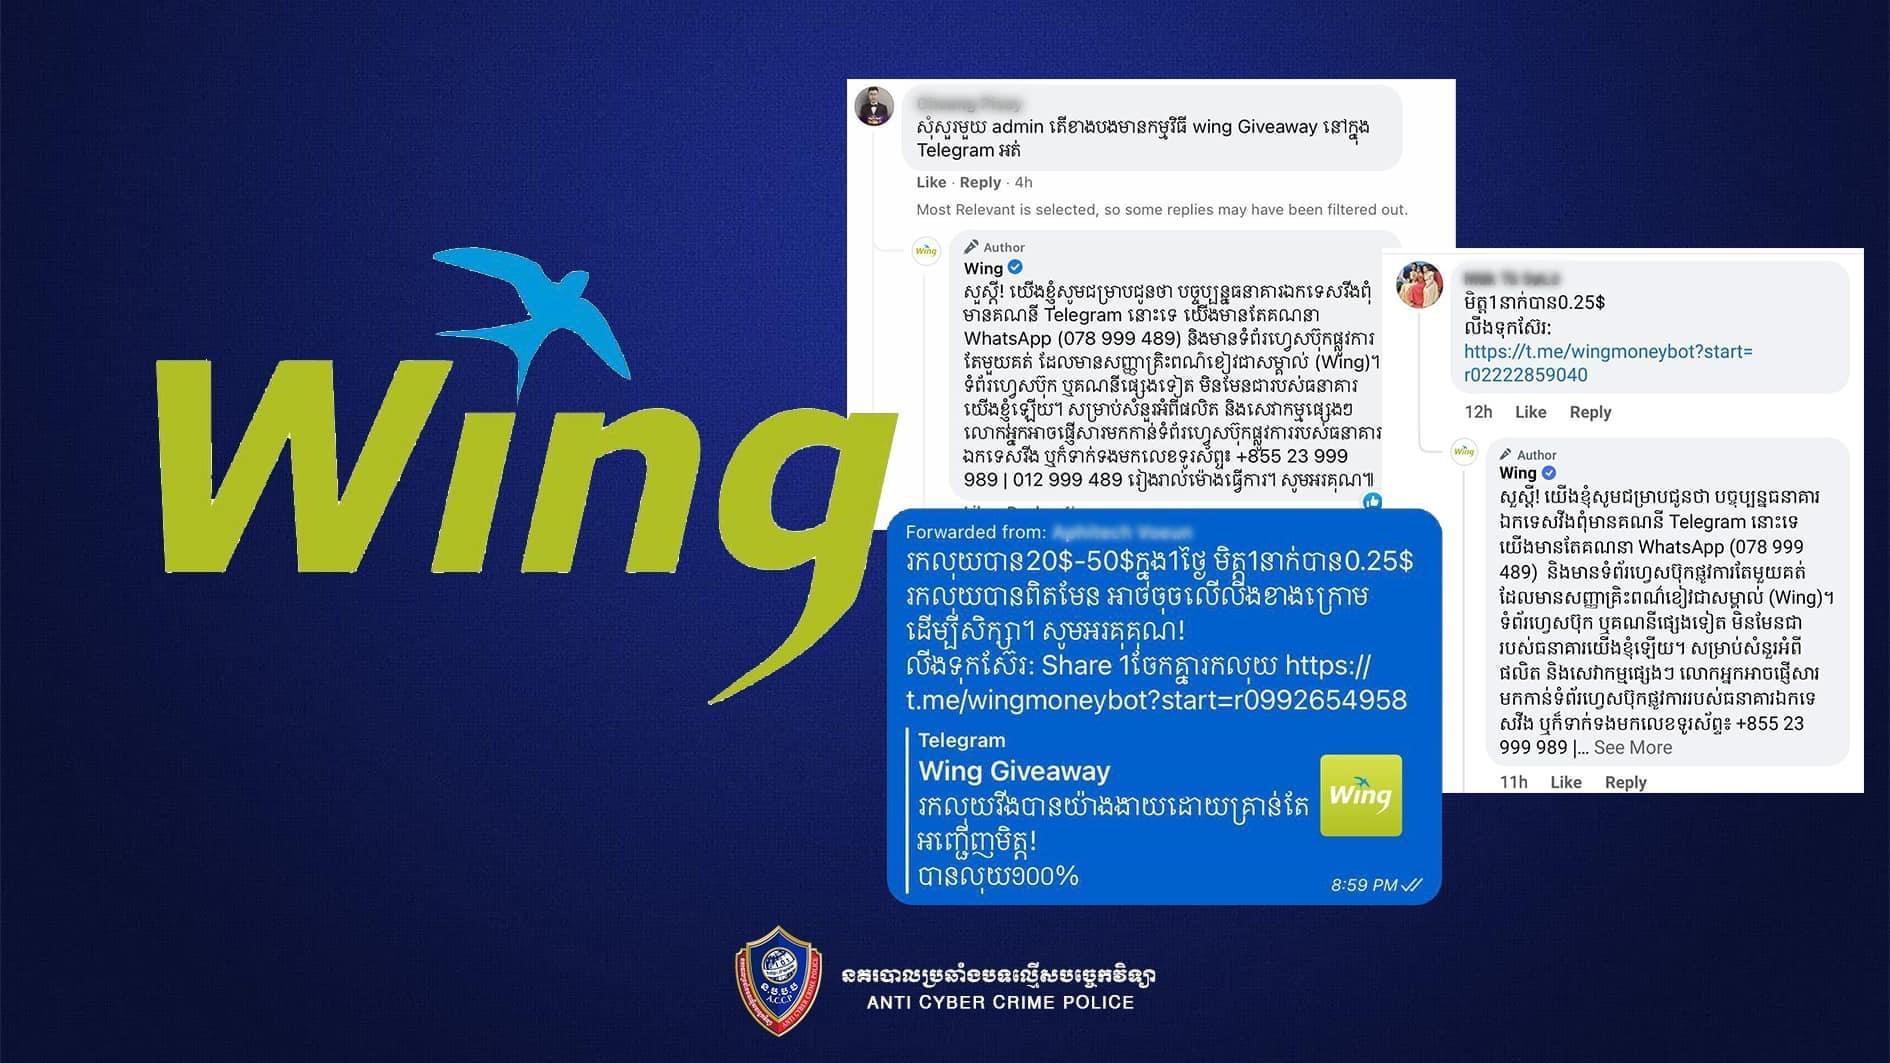 ជនអាមិកកំពុងតែប្រើល្បិចលួចយកព័ត៌មានគណនី Wing តាមរយៈ Telegram